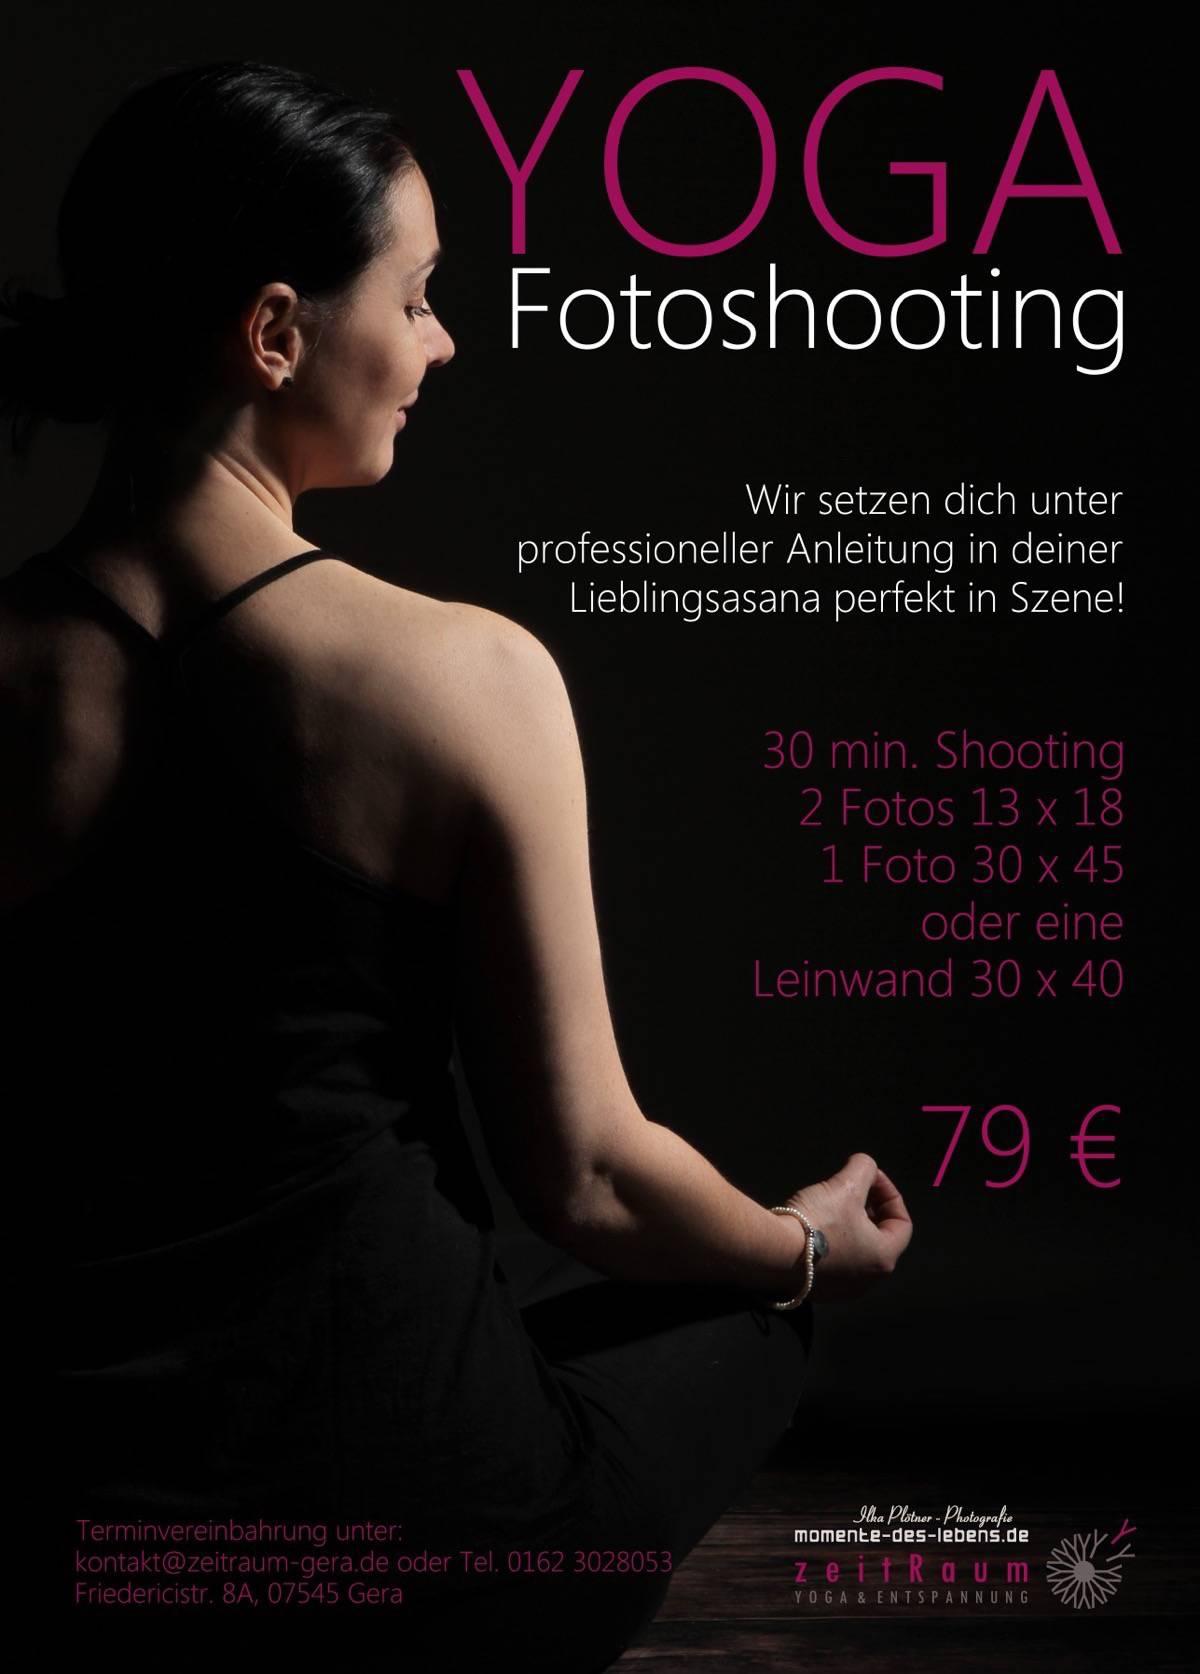 Flyer_YogaFotoshooting